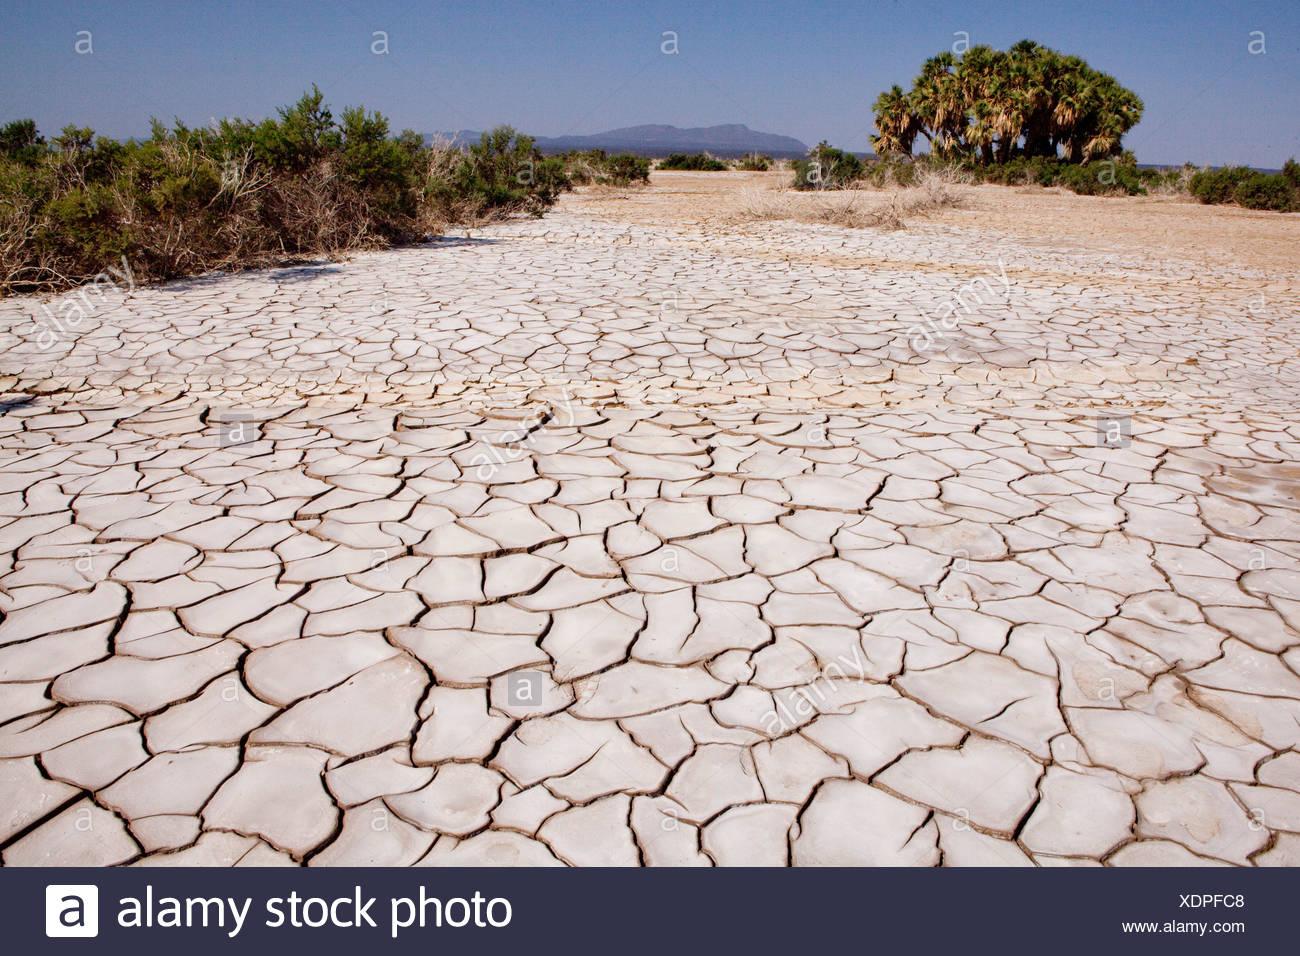 Danakil, Africa, Etiopía, drily, lágrimas, la tierra, el desierto Imagen De Stock